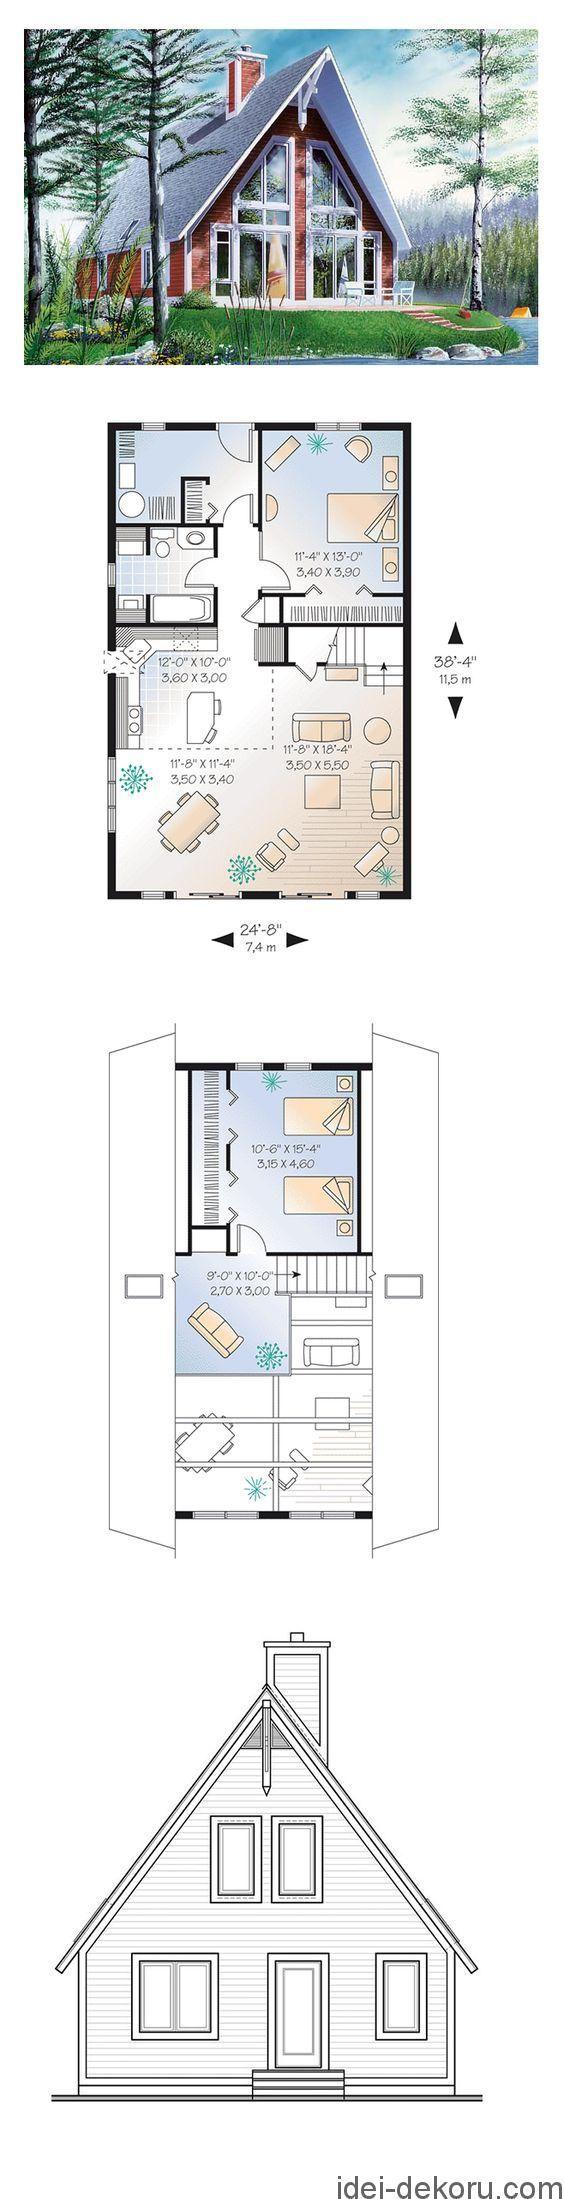 Pinterest 39 teki 25 39 den fazla en iyi ev zemin planlar fikri for 6 bedroom house plans with basement